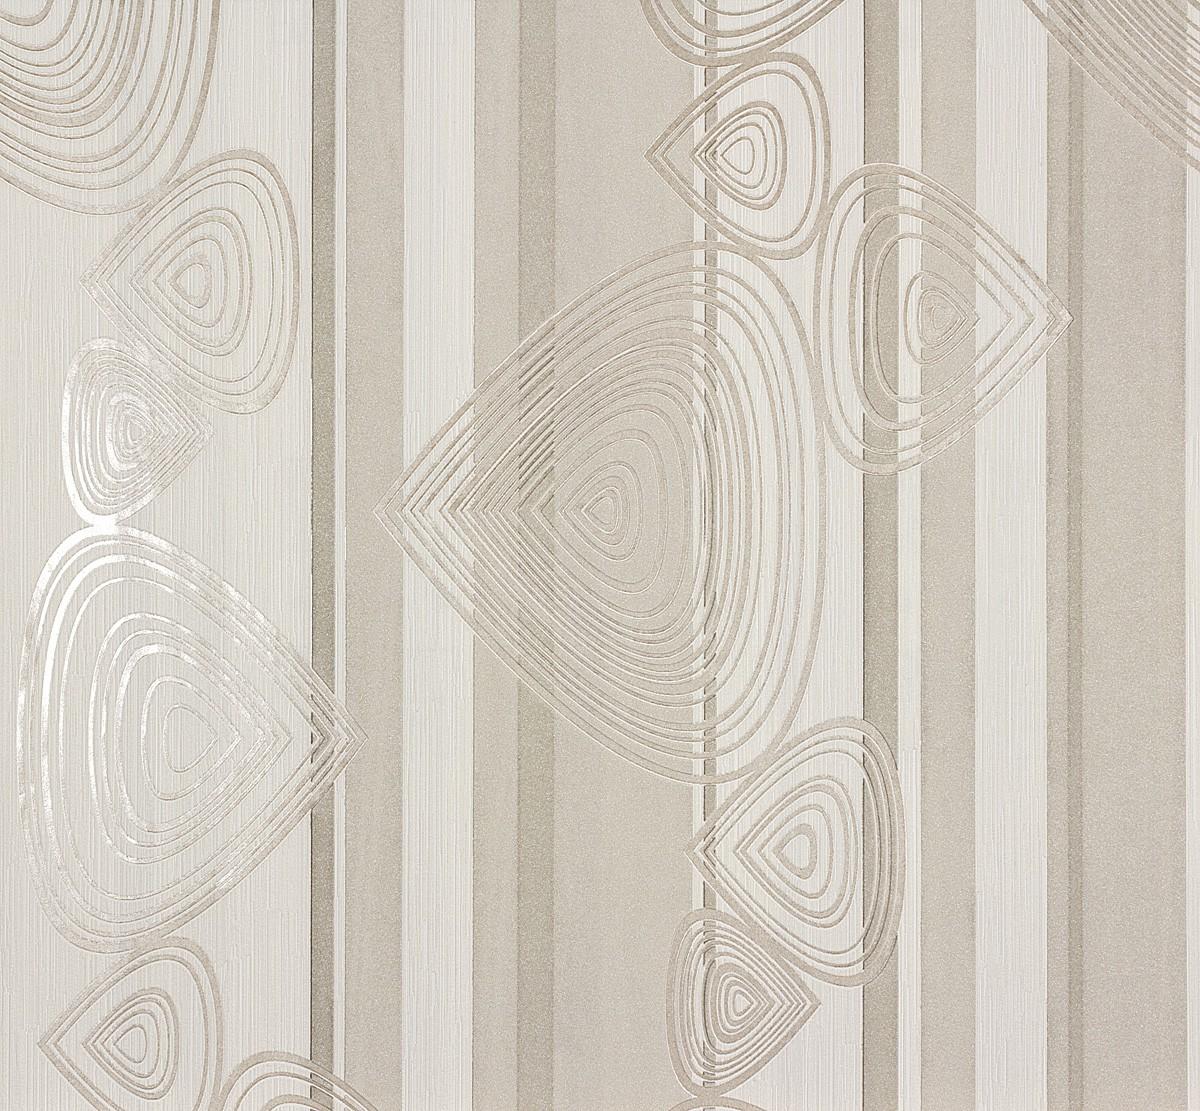 vliestapete wei grau grafisch marburg 56910. Black Bedroom Furniture Sets. Home Design Ideas